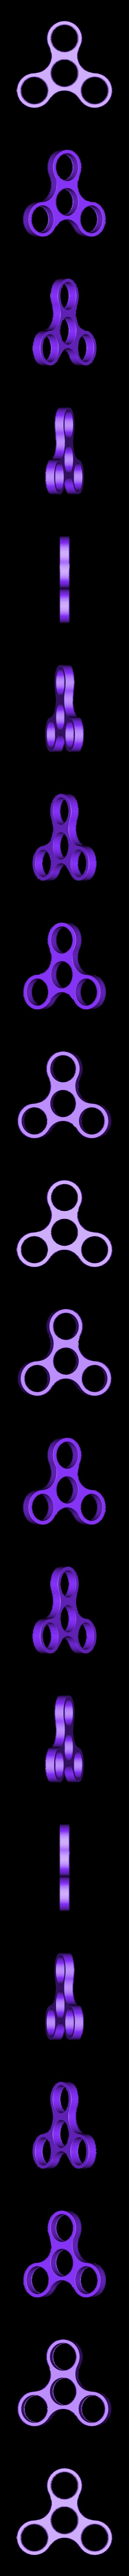 hand-spinner.part1.stl Download free STL file Hand-spinner with BLENDER3D tutorial • 3D printing model, ernestmocassin